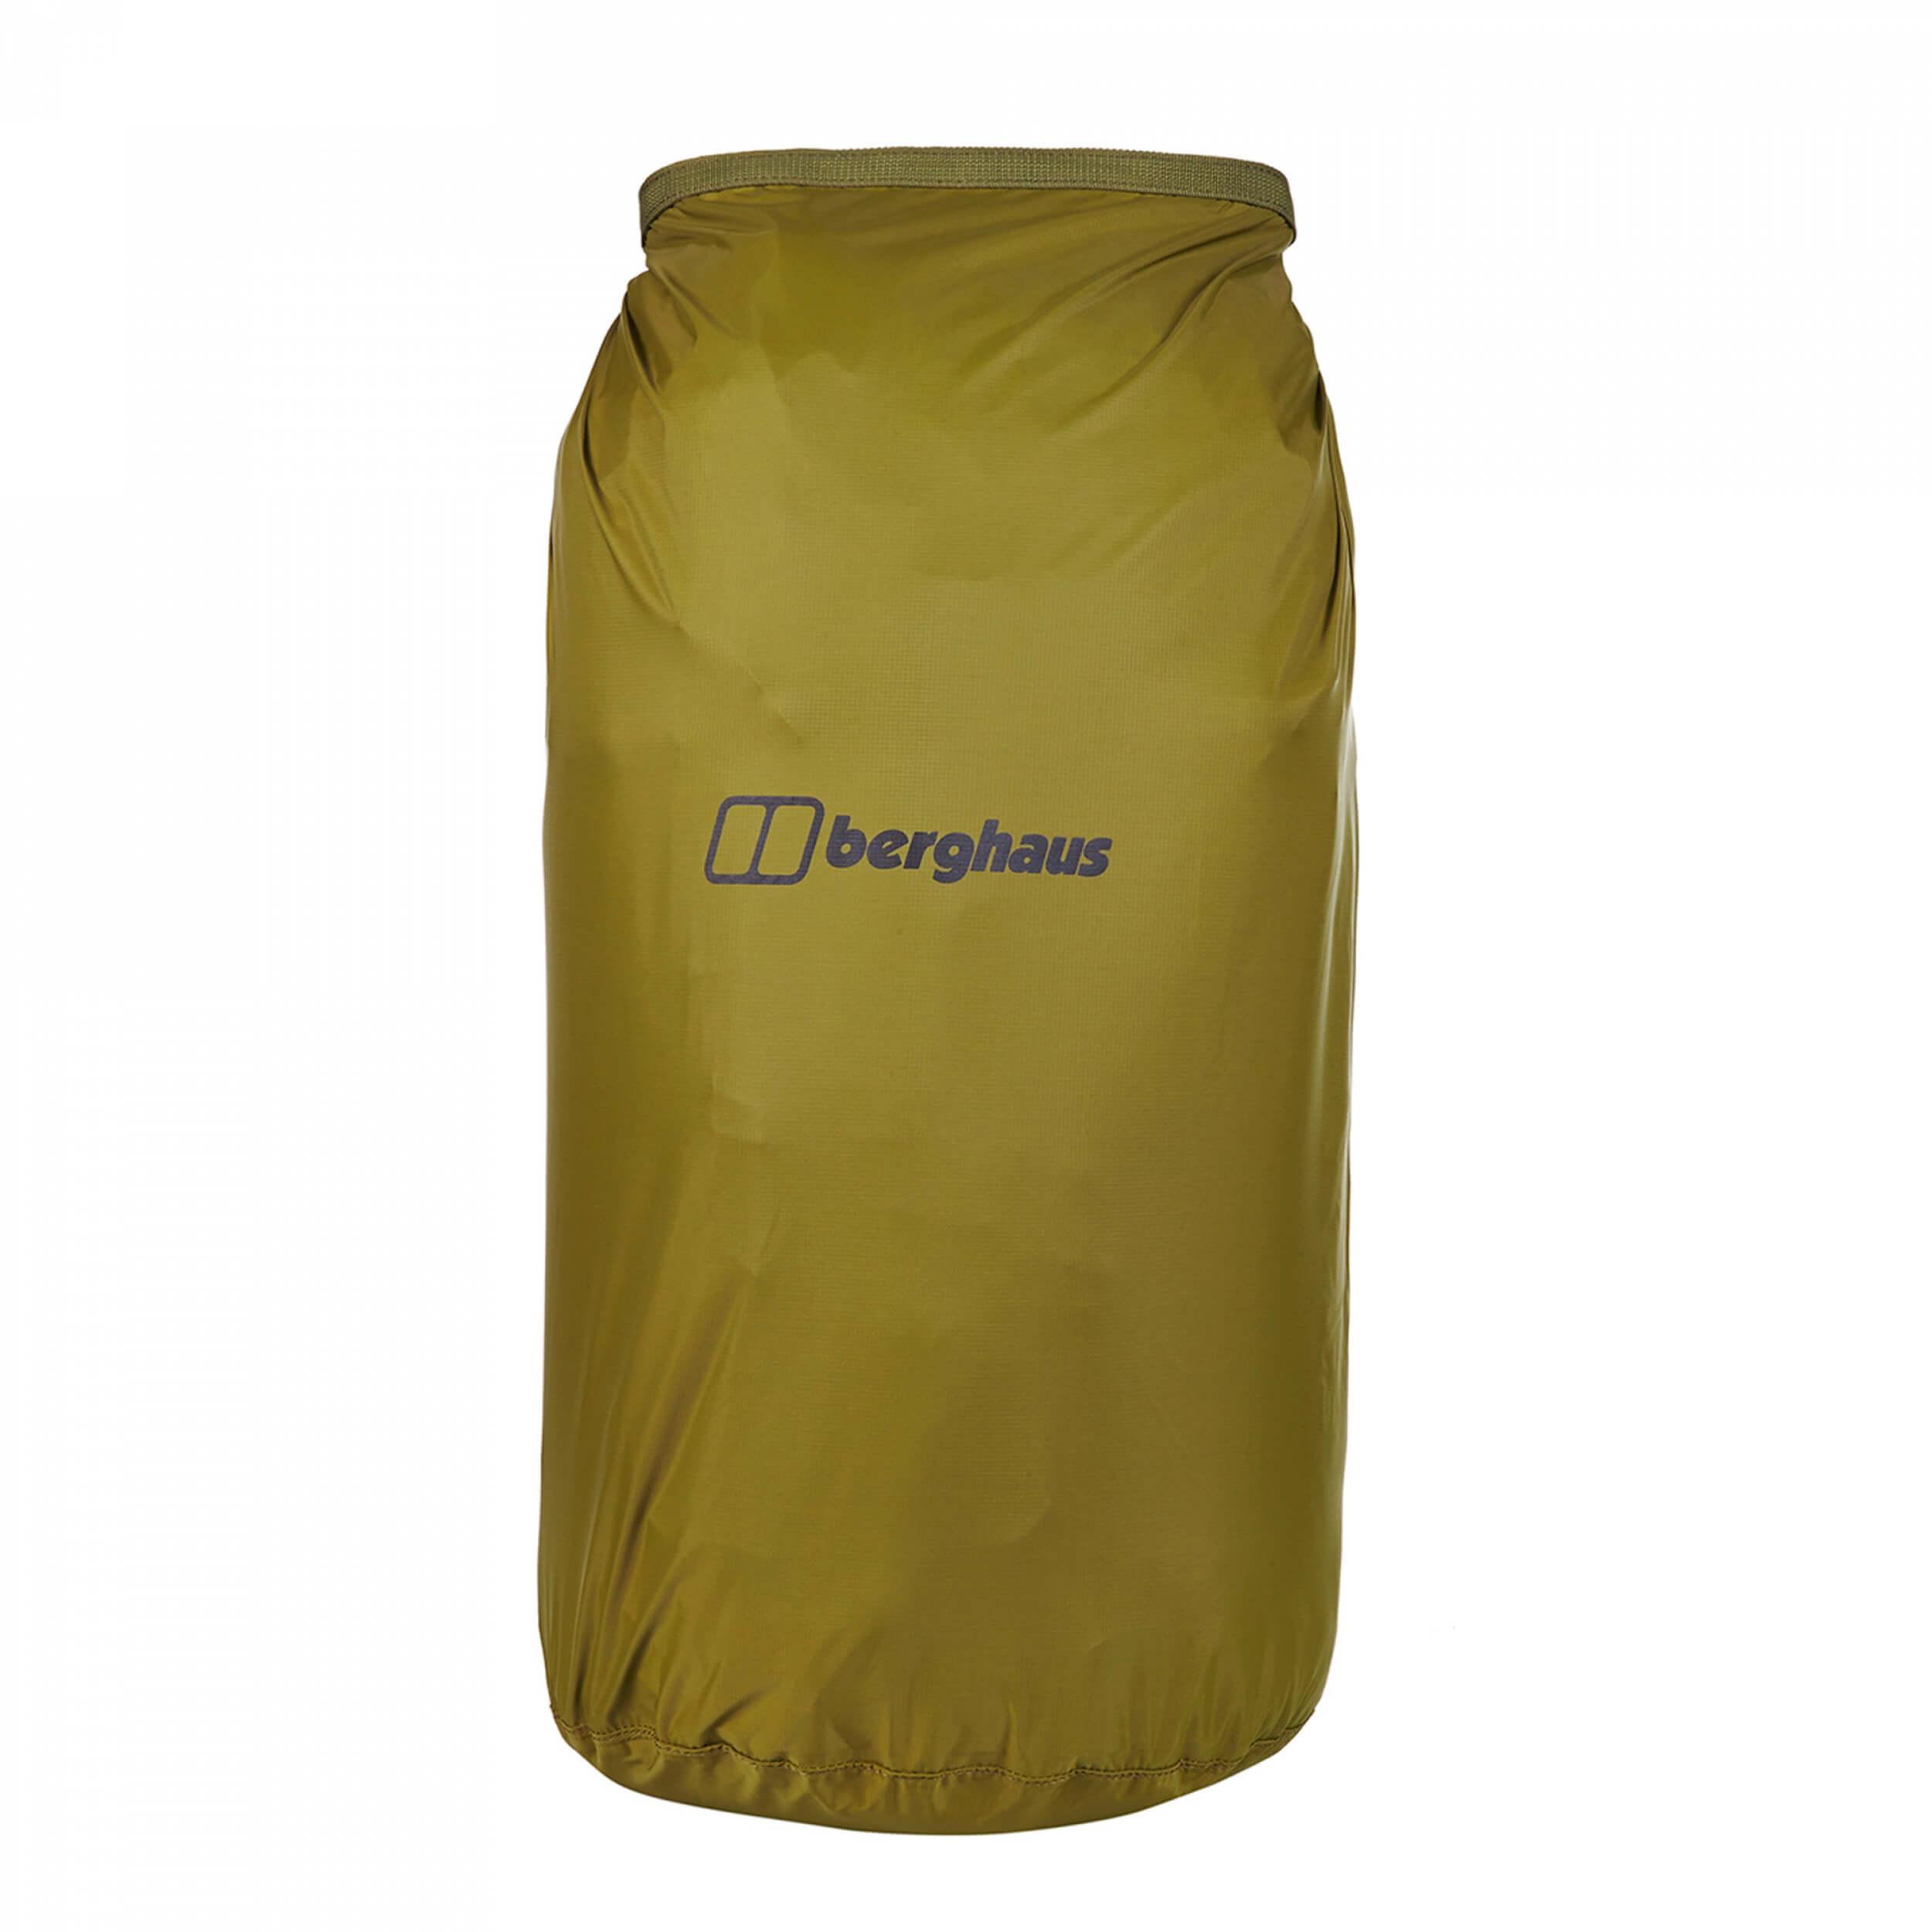 Berghaus MMPS Liner 70 wasserdichter Packsack